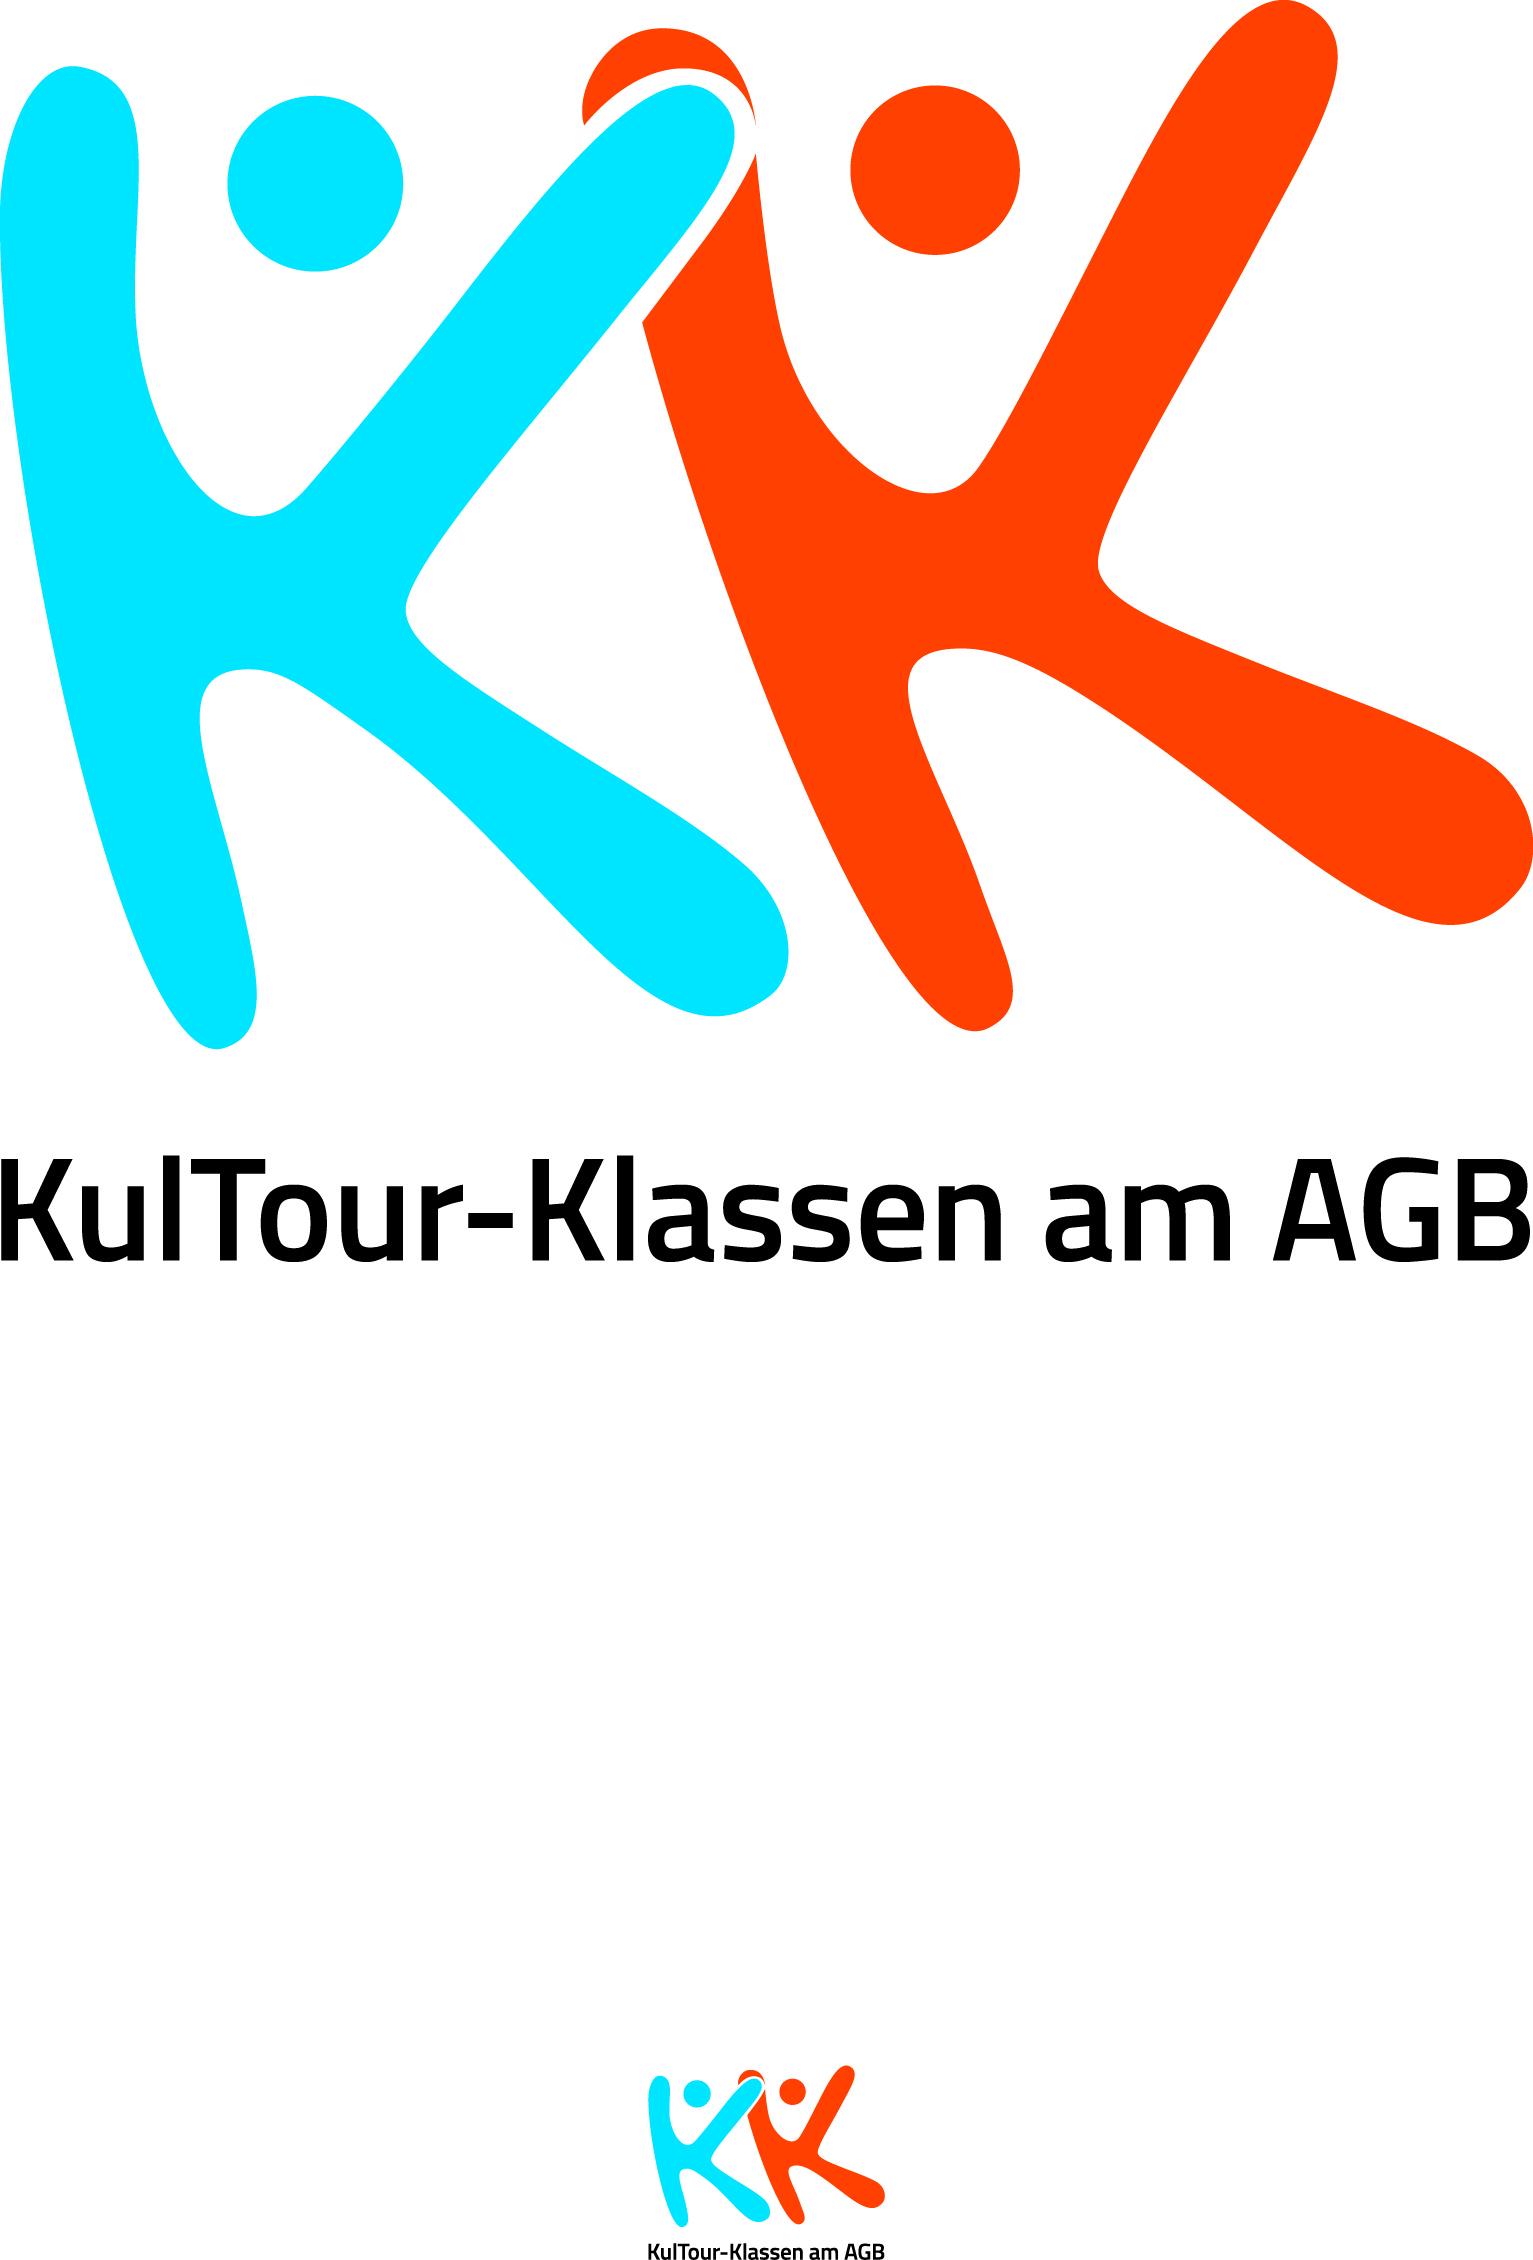 KulTour-Klassen